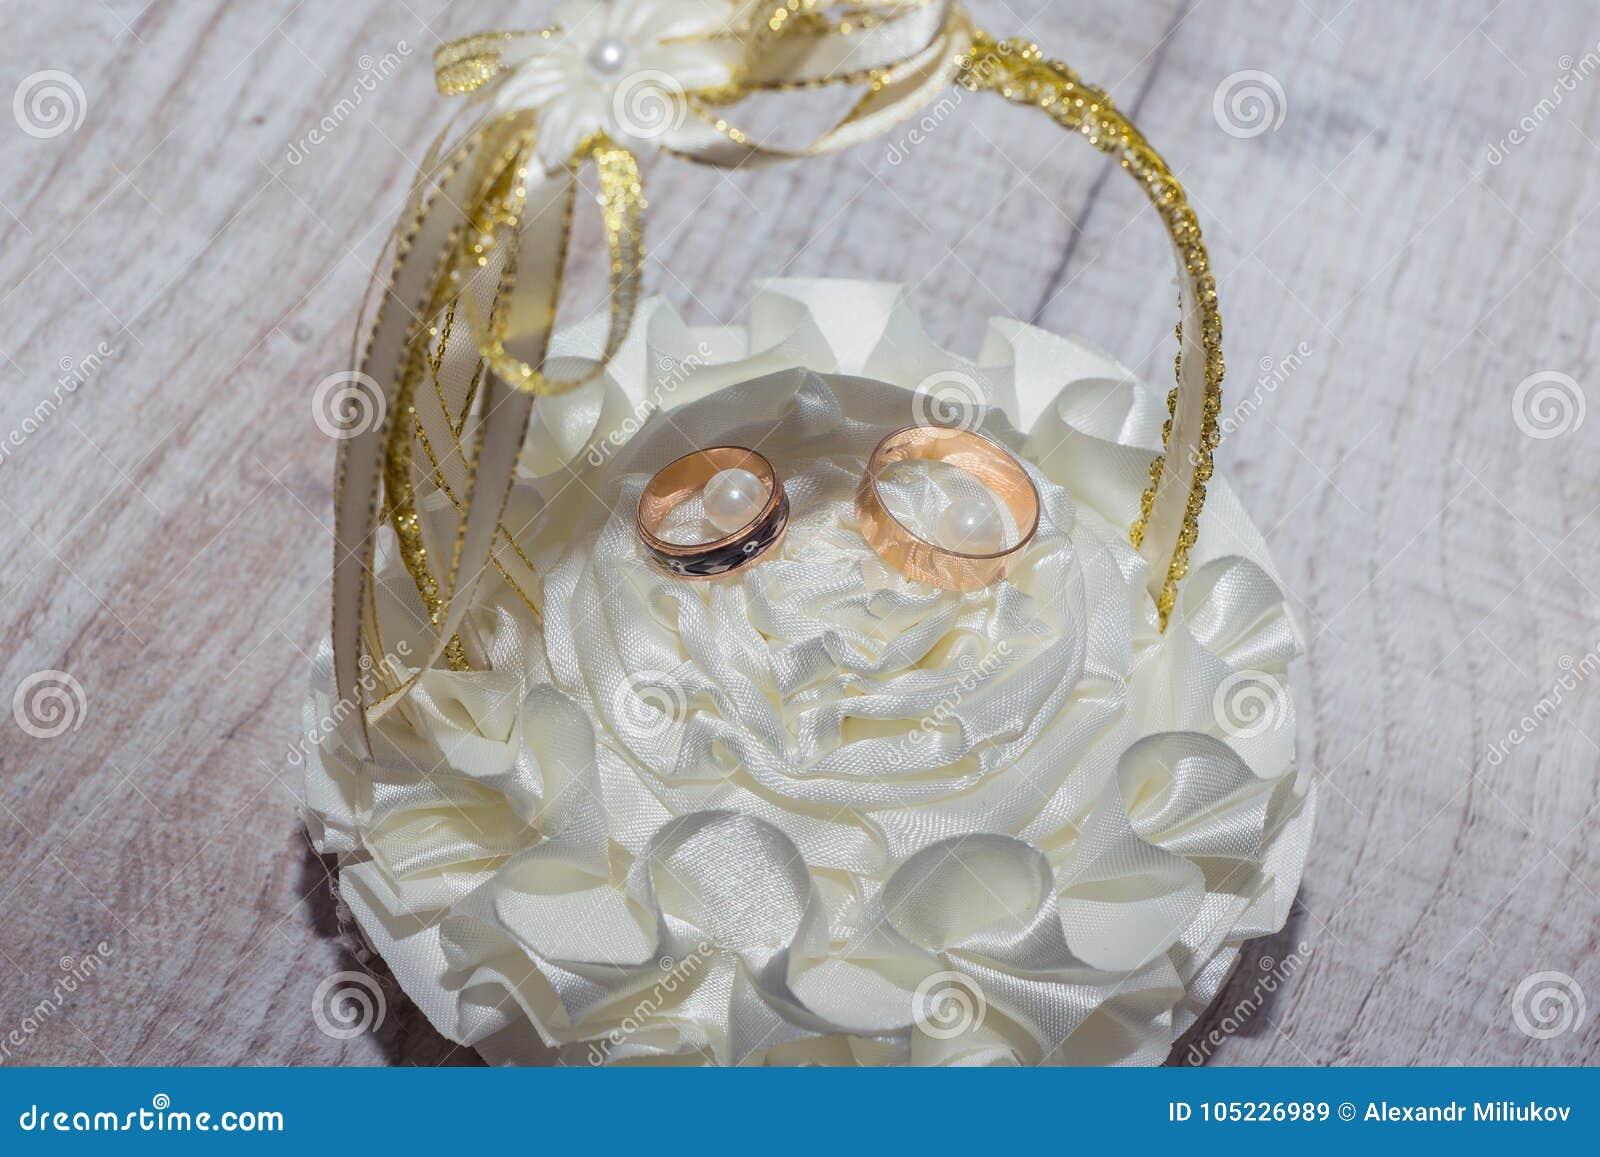 Anillos de bodas en una cesta hermosa